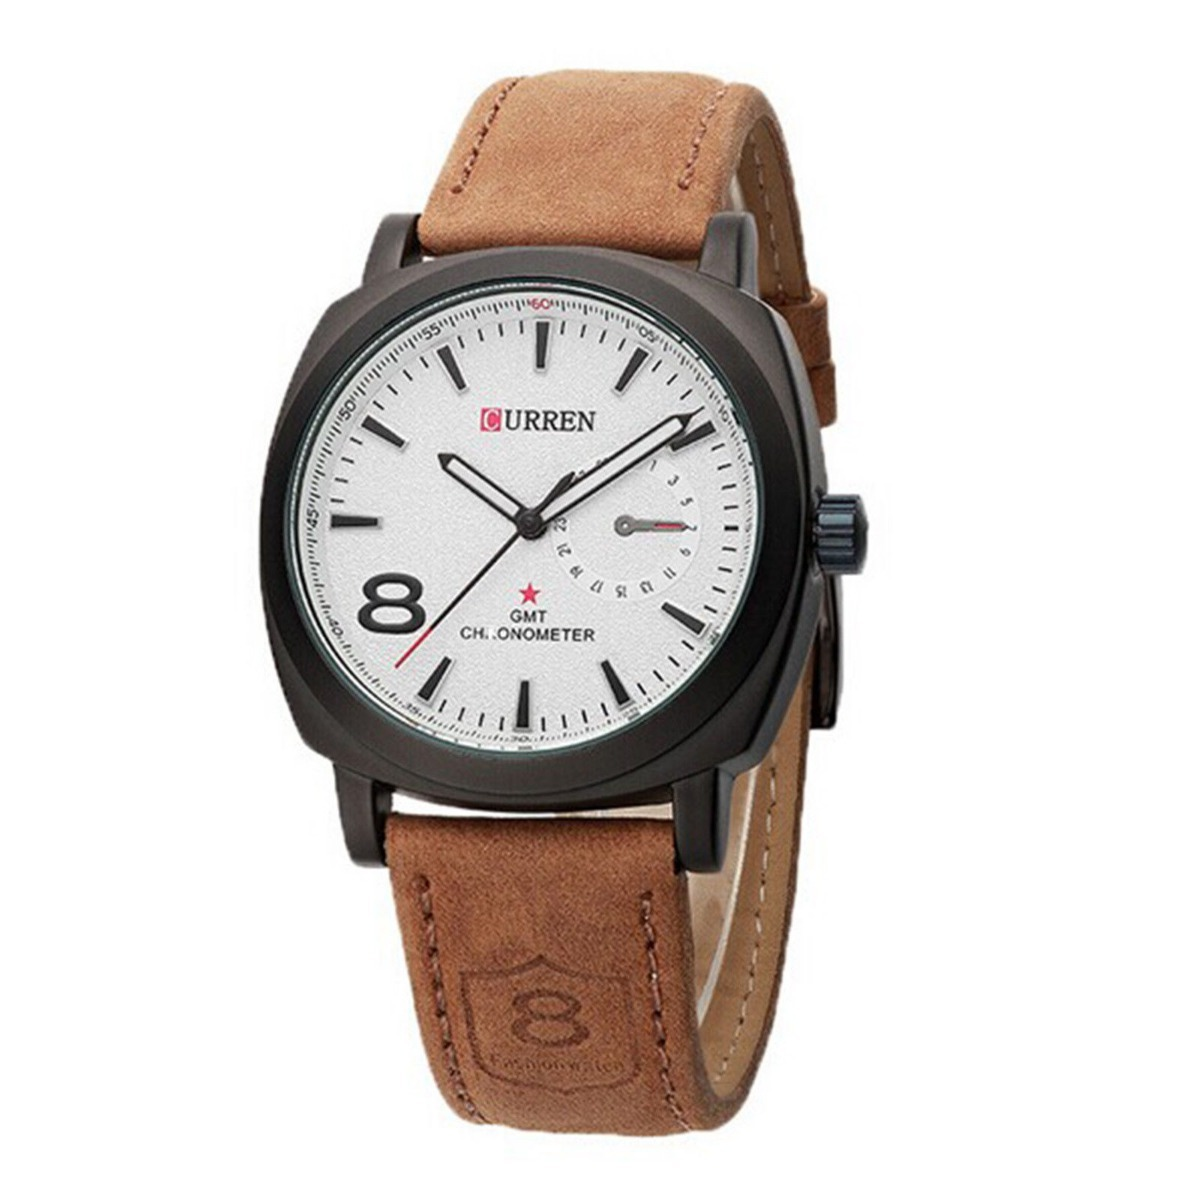 c8bd3c41c19 relógio curren social casual pulseira de couro esportivo. Carregando zoom.